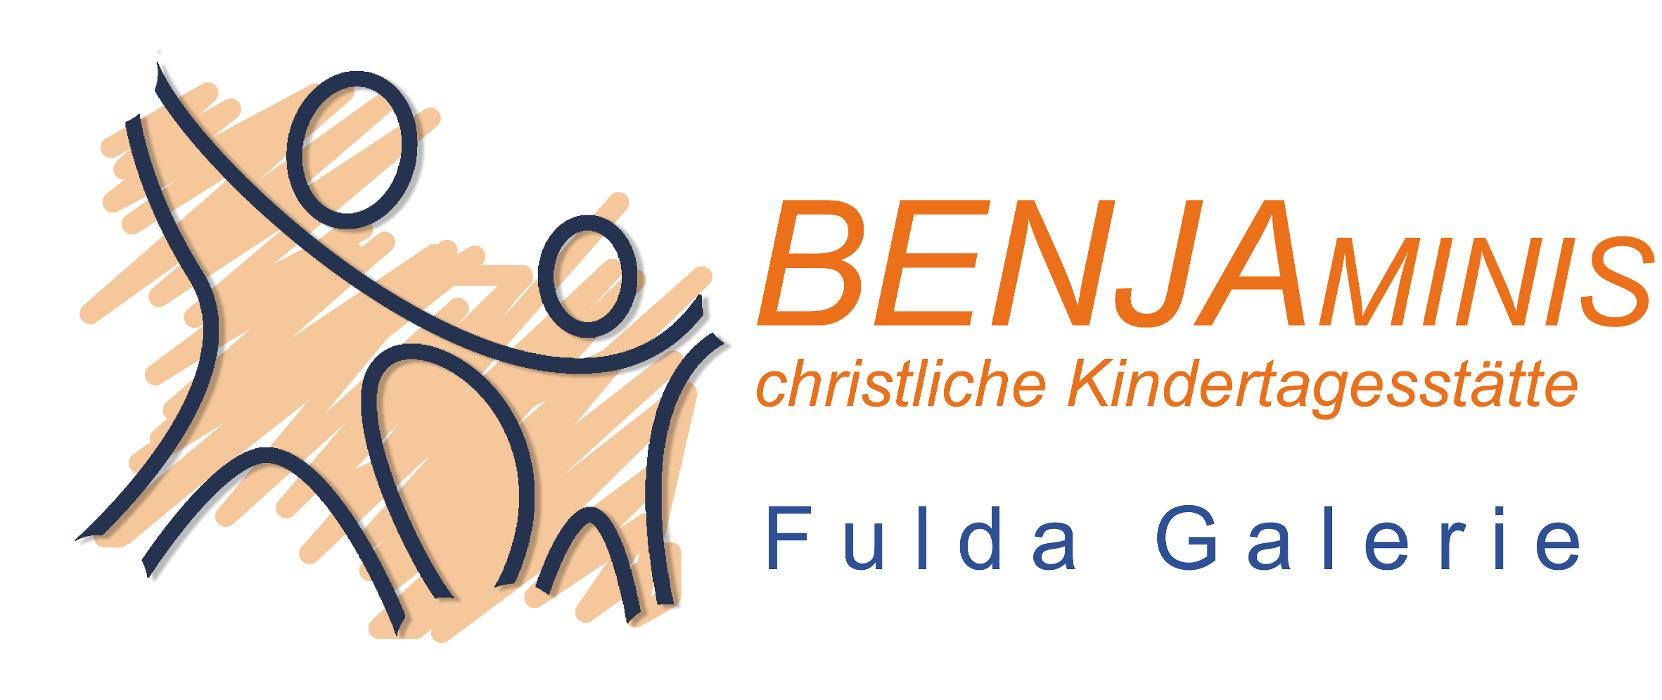 Bild zu Kita-Benjaminis in Fulda